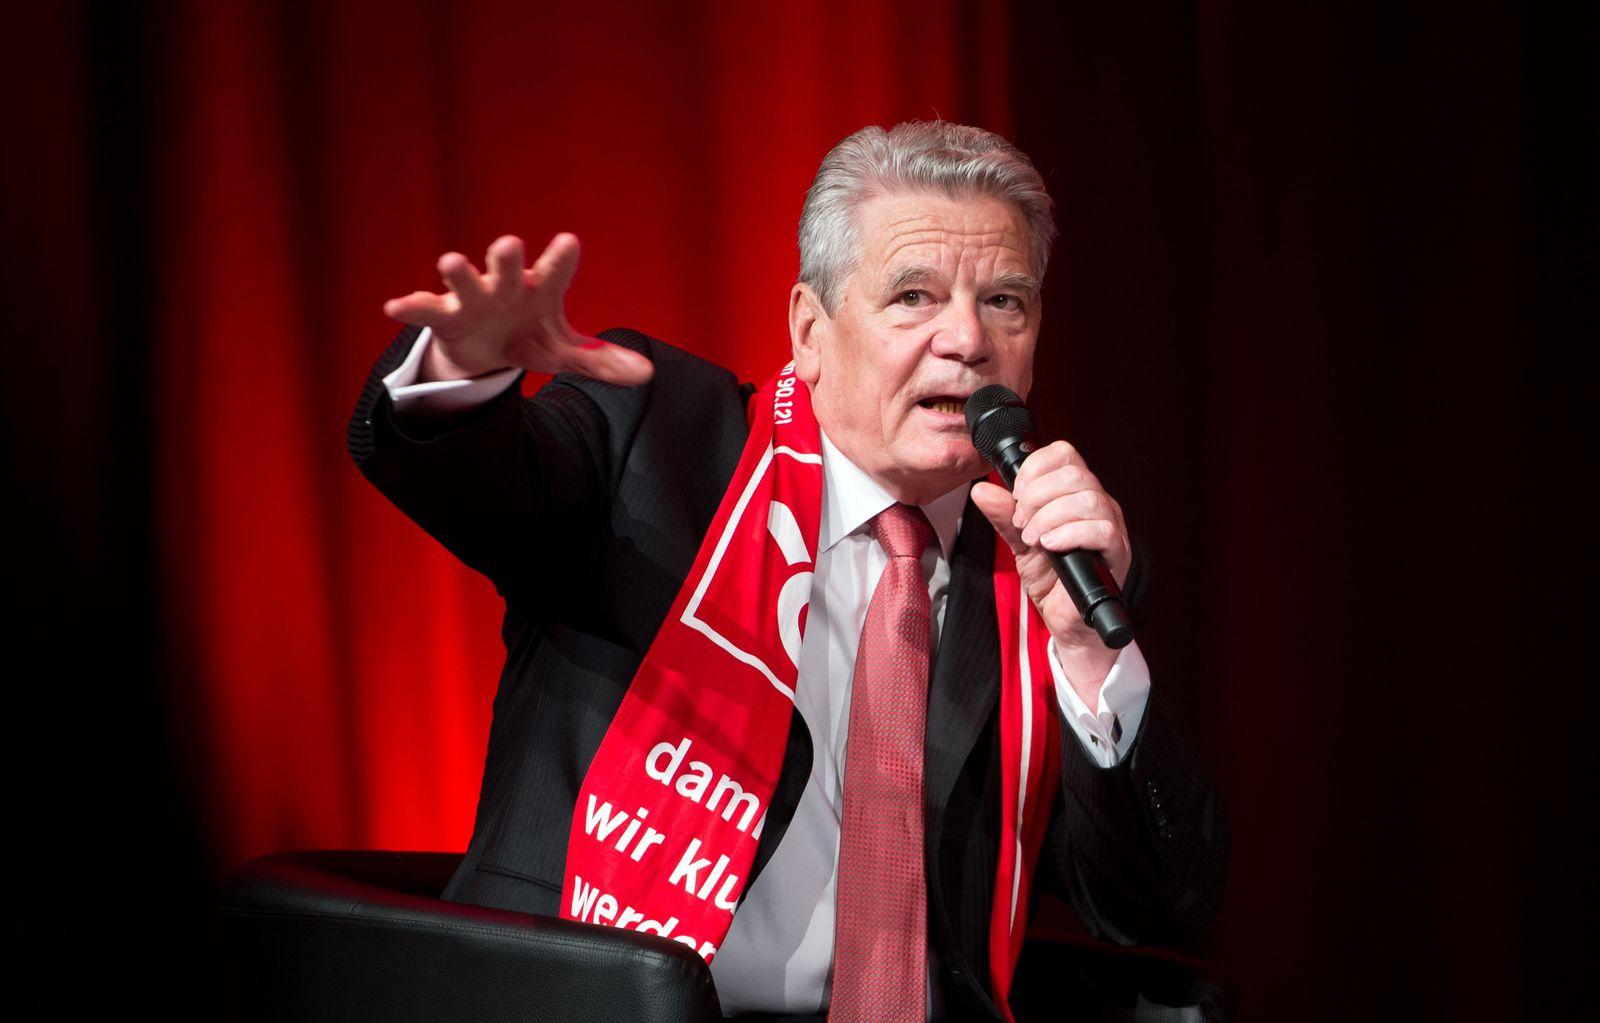 Joachim Gauck/ Evangelischer Kirchentag 2015